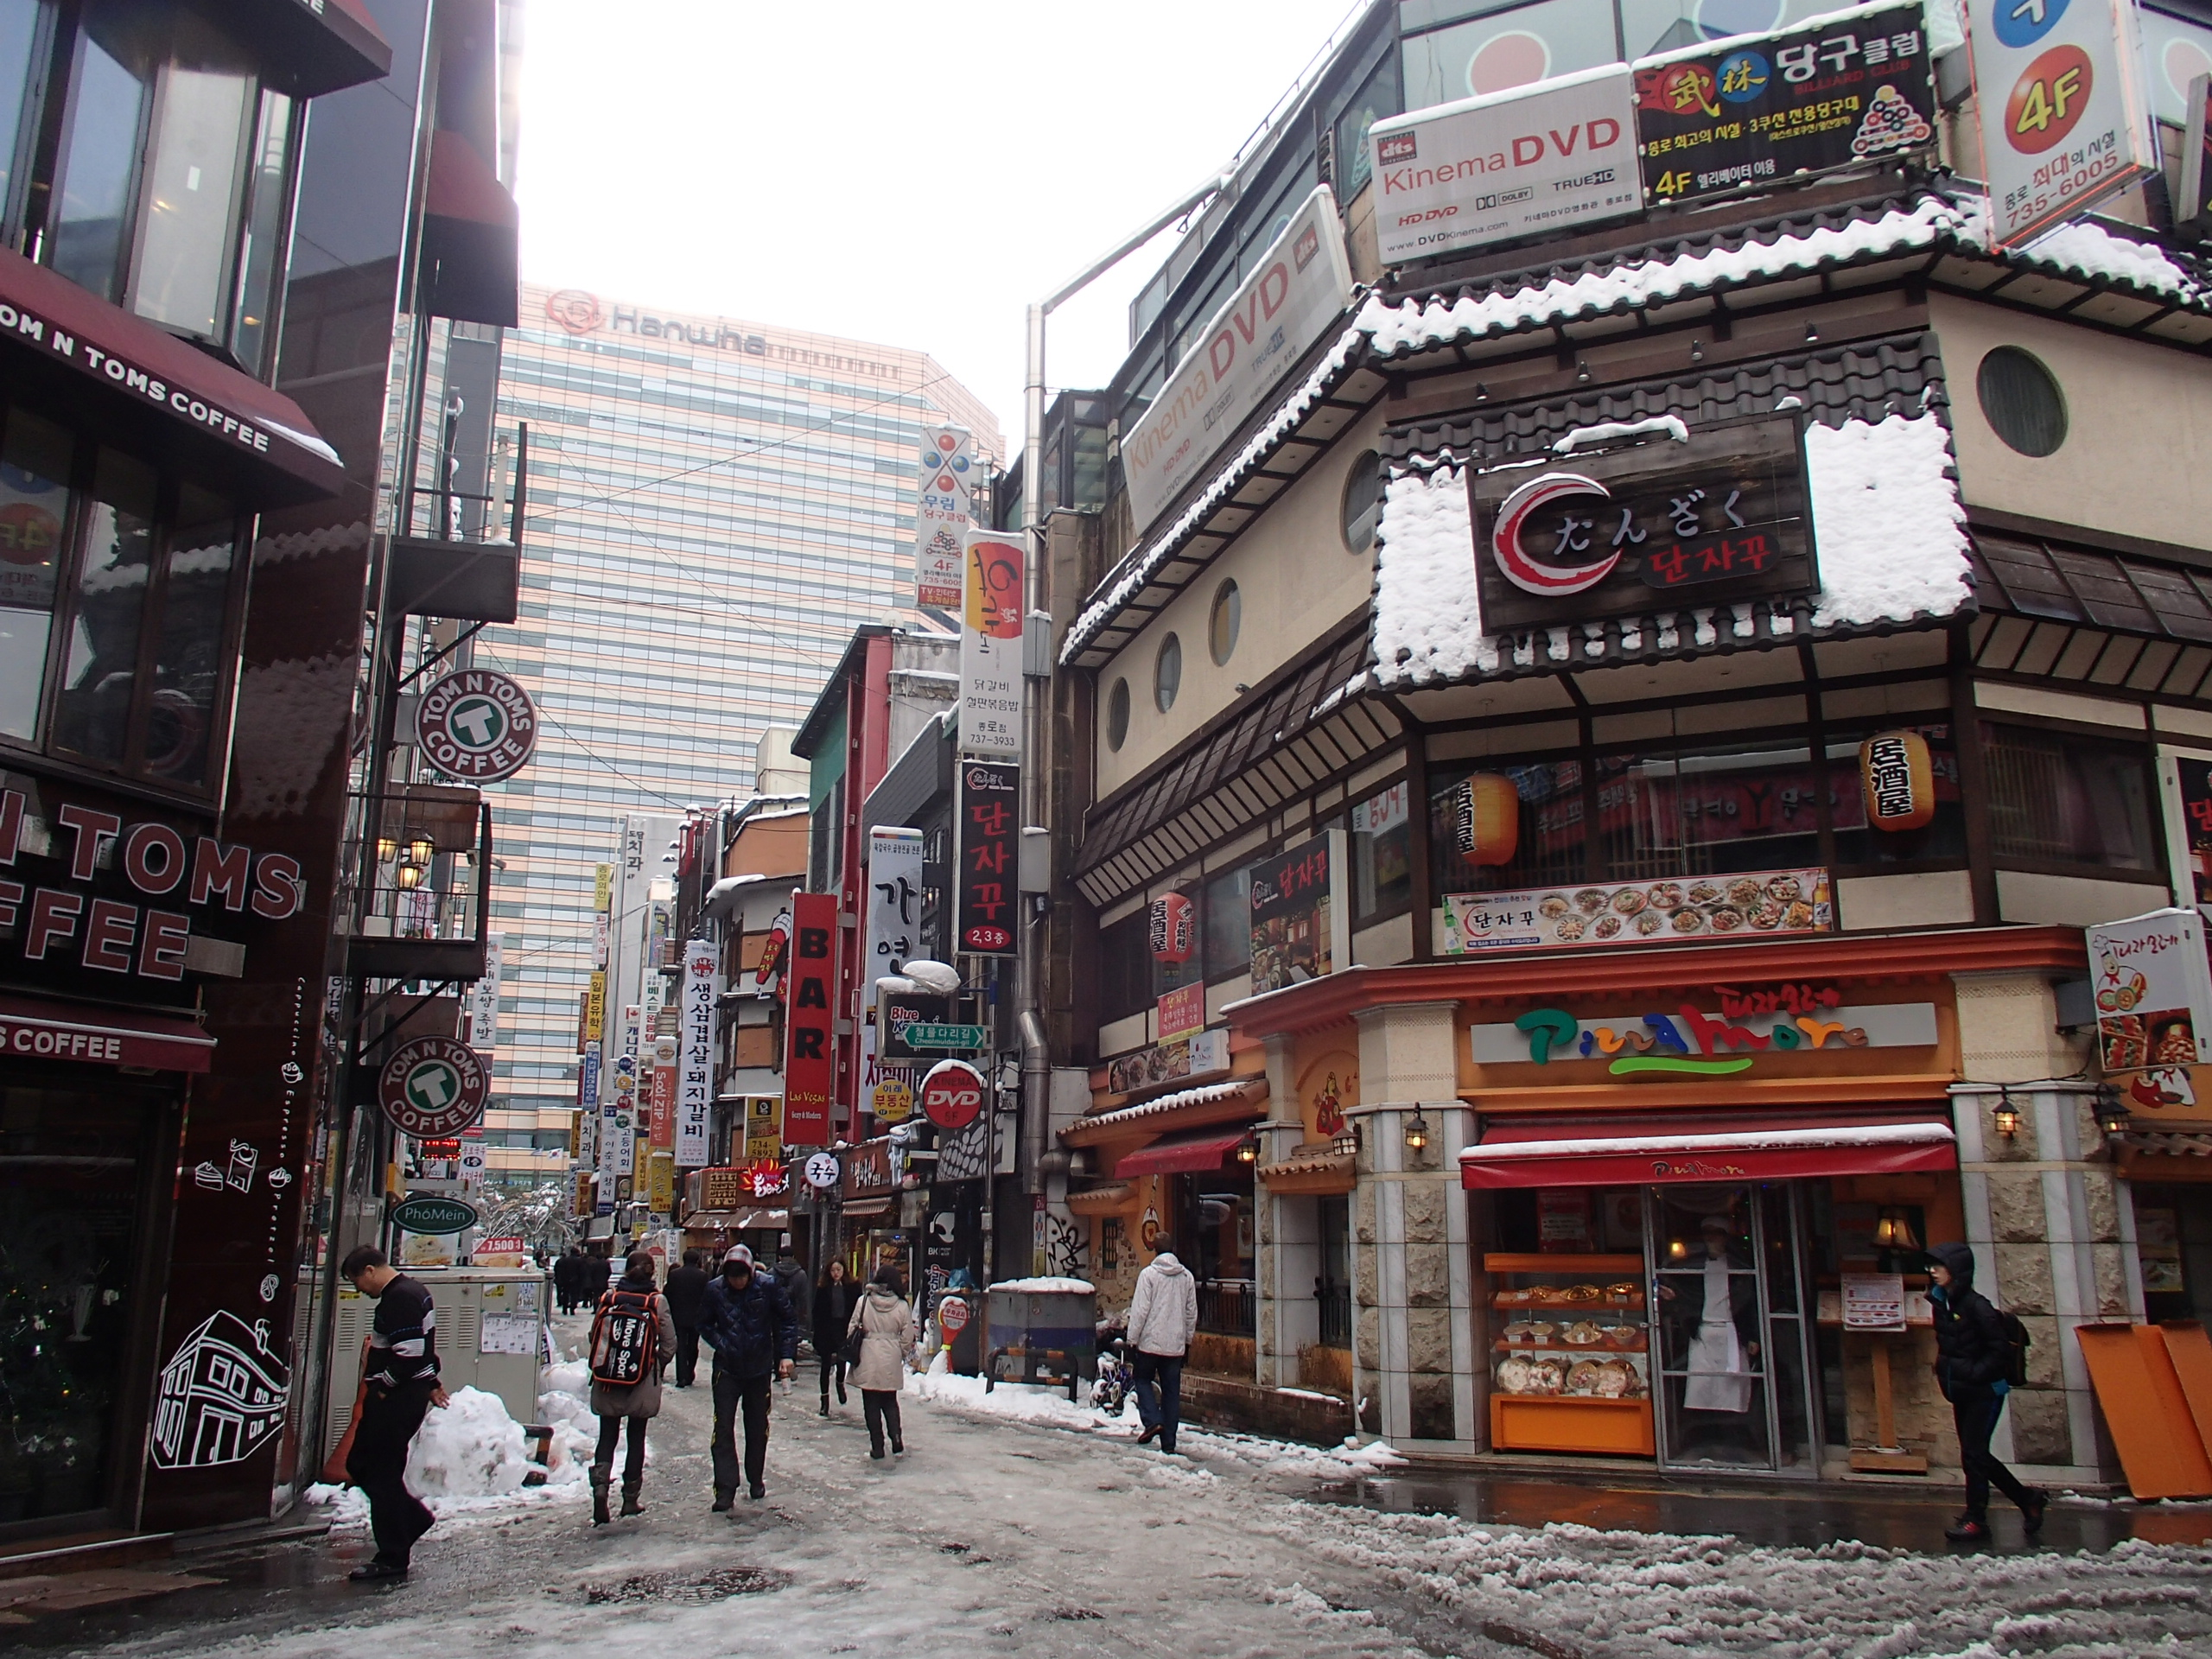 Insadong neighborhood in Seoul